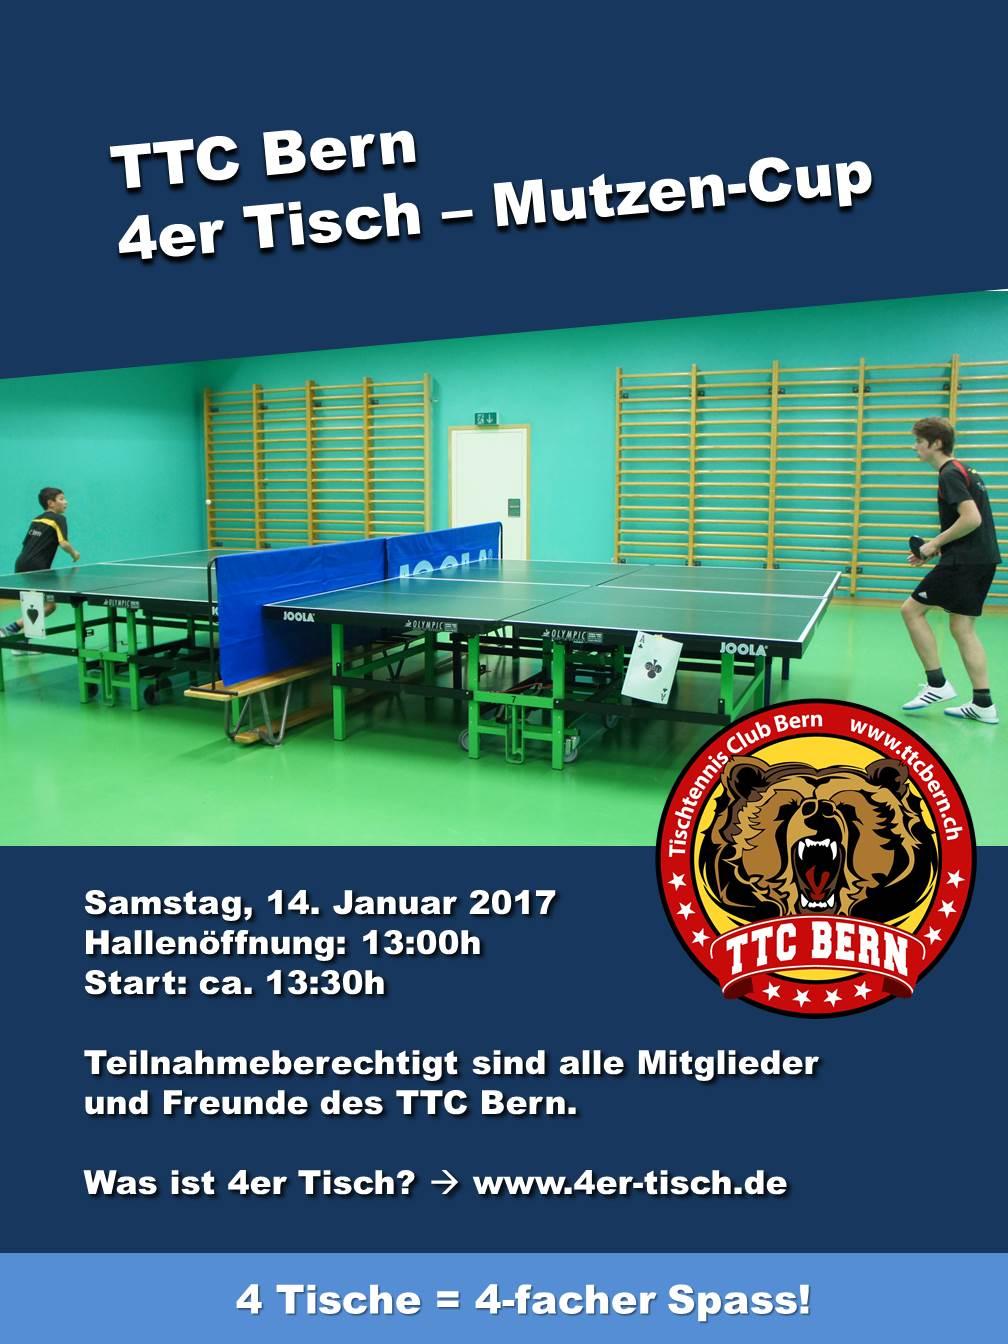 4er-tisch-mutzen-cup-vom-14-januar-2017